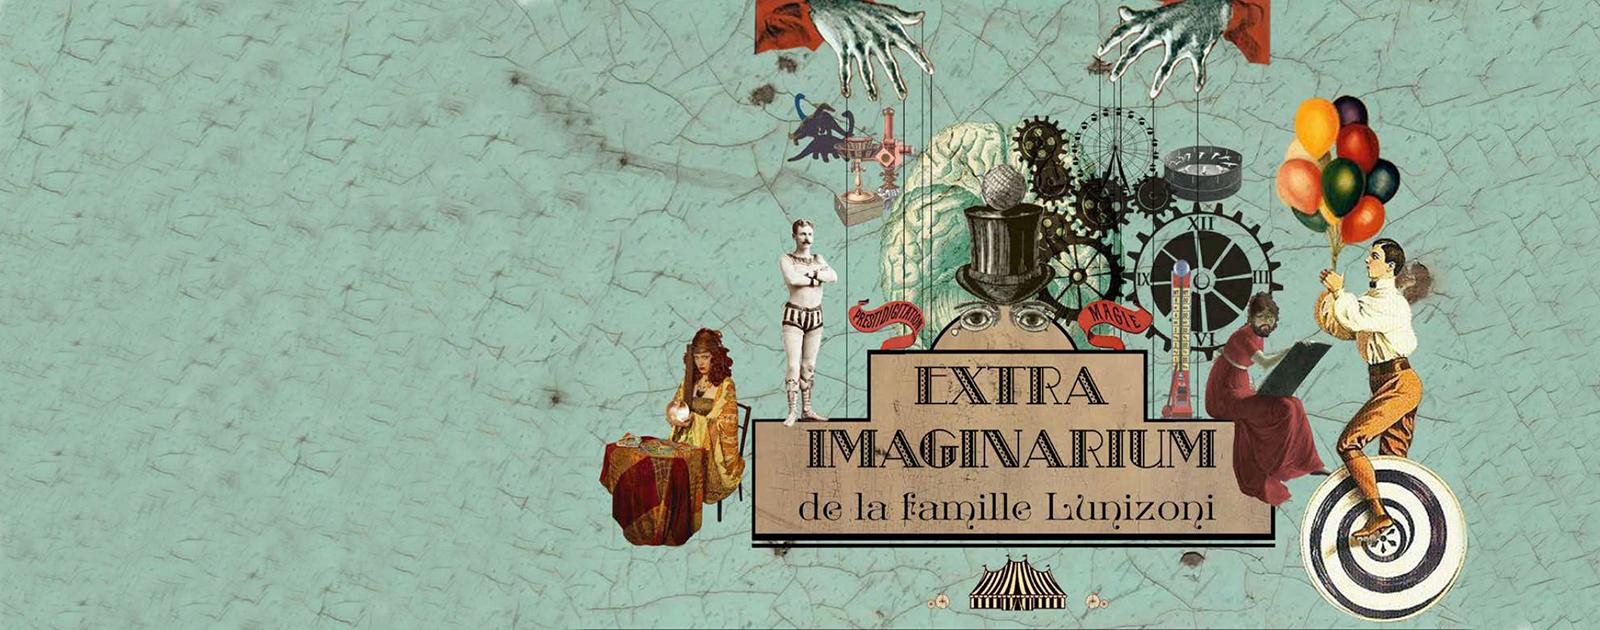 L'extra Imaginarium de la famille Lunizoni